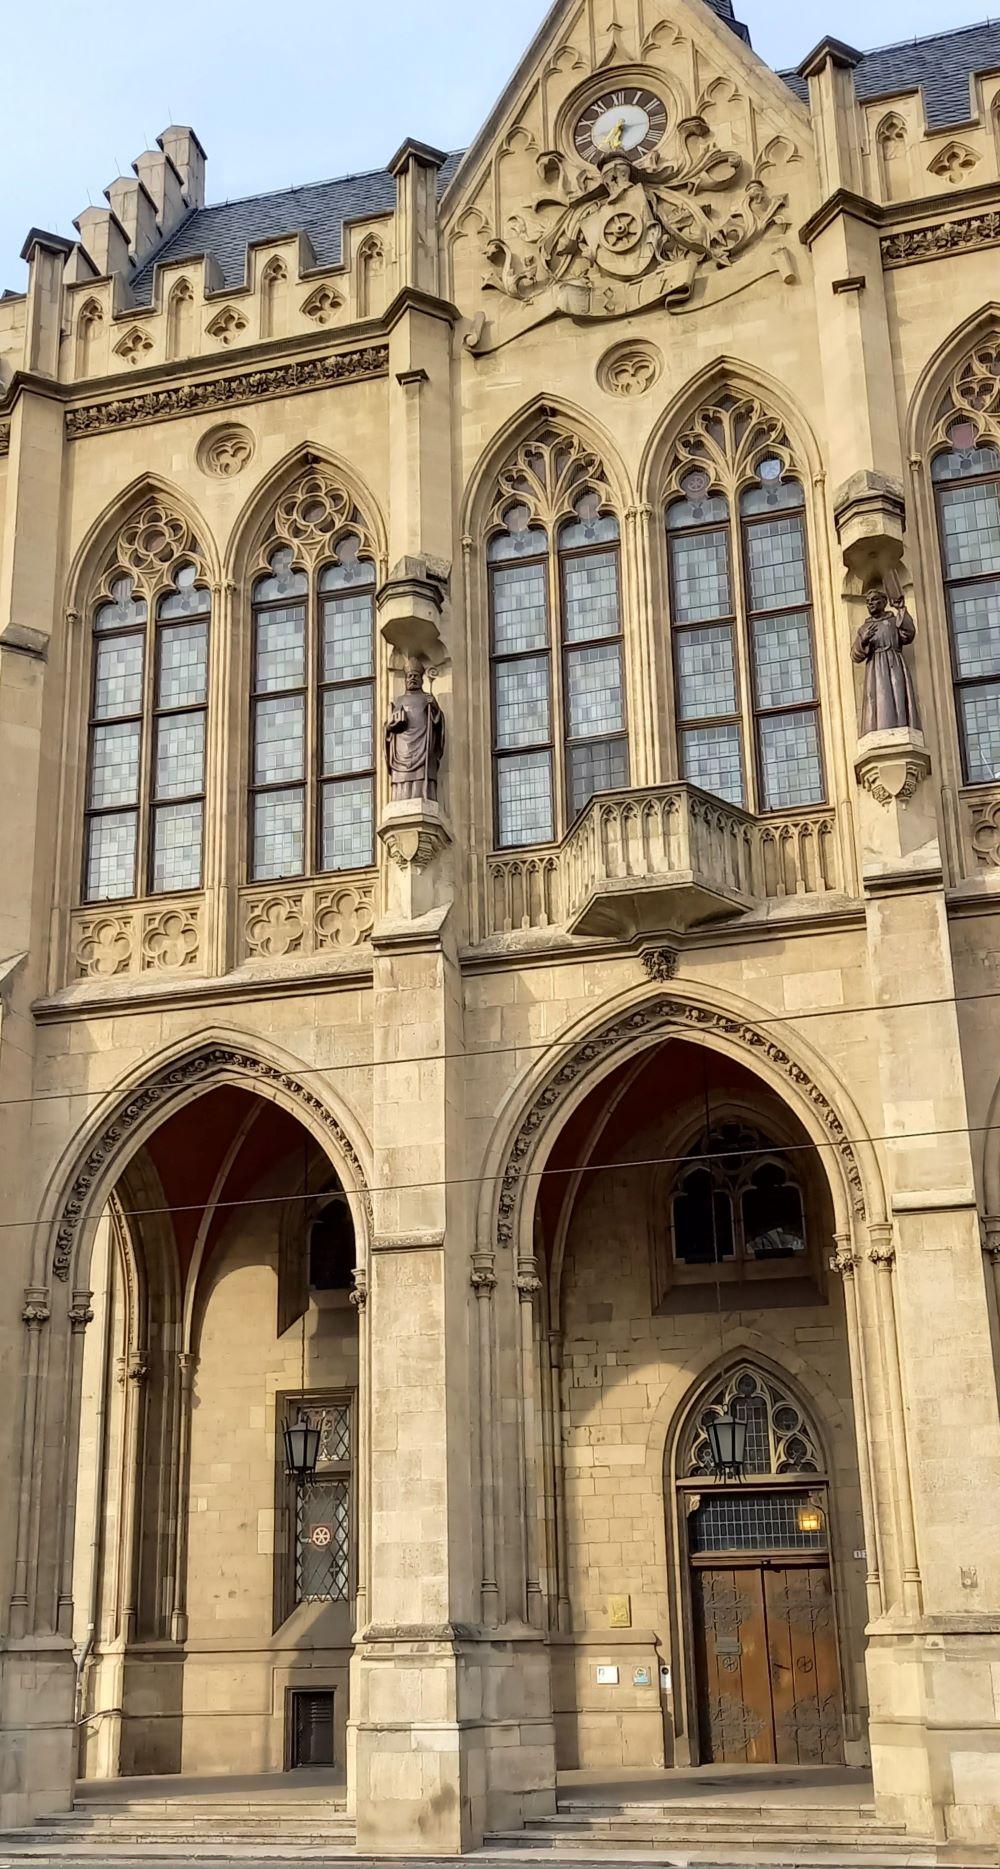 Das Erfurter Rathaus am Fischmarkt